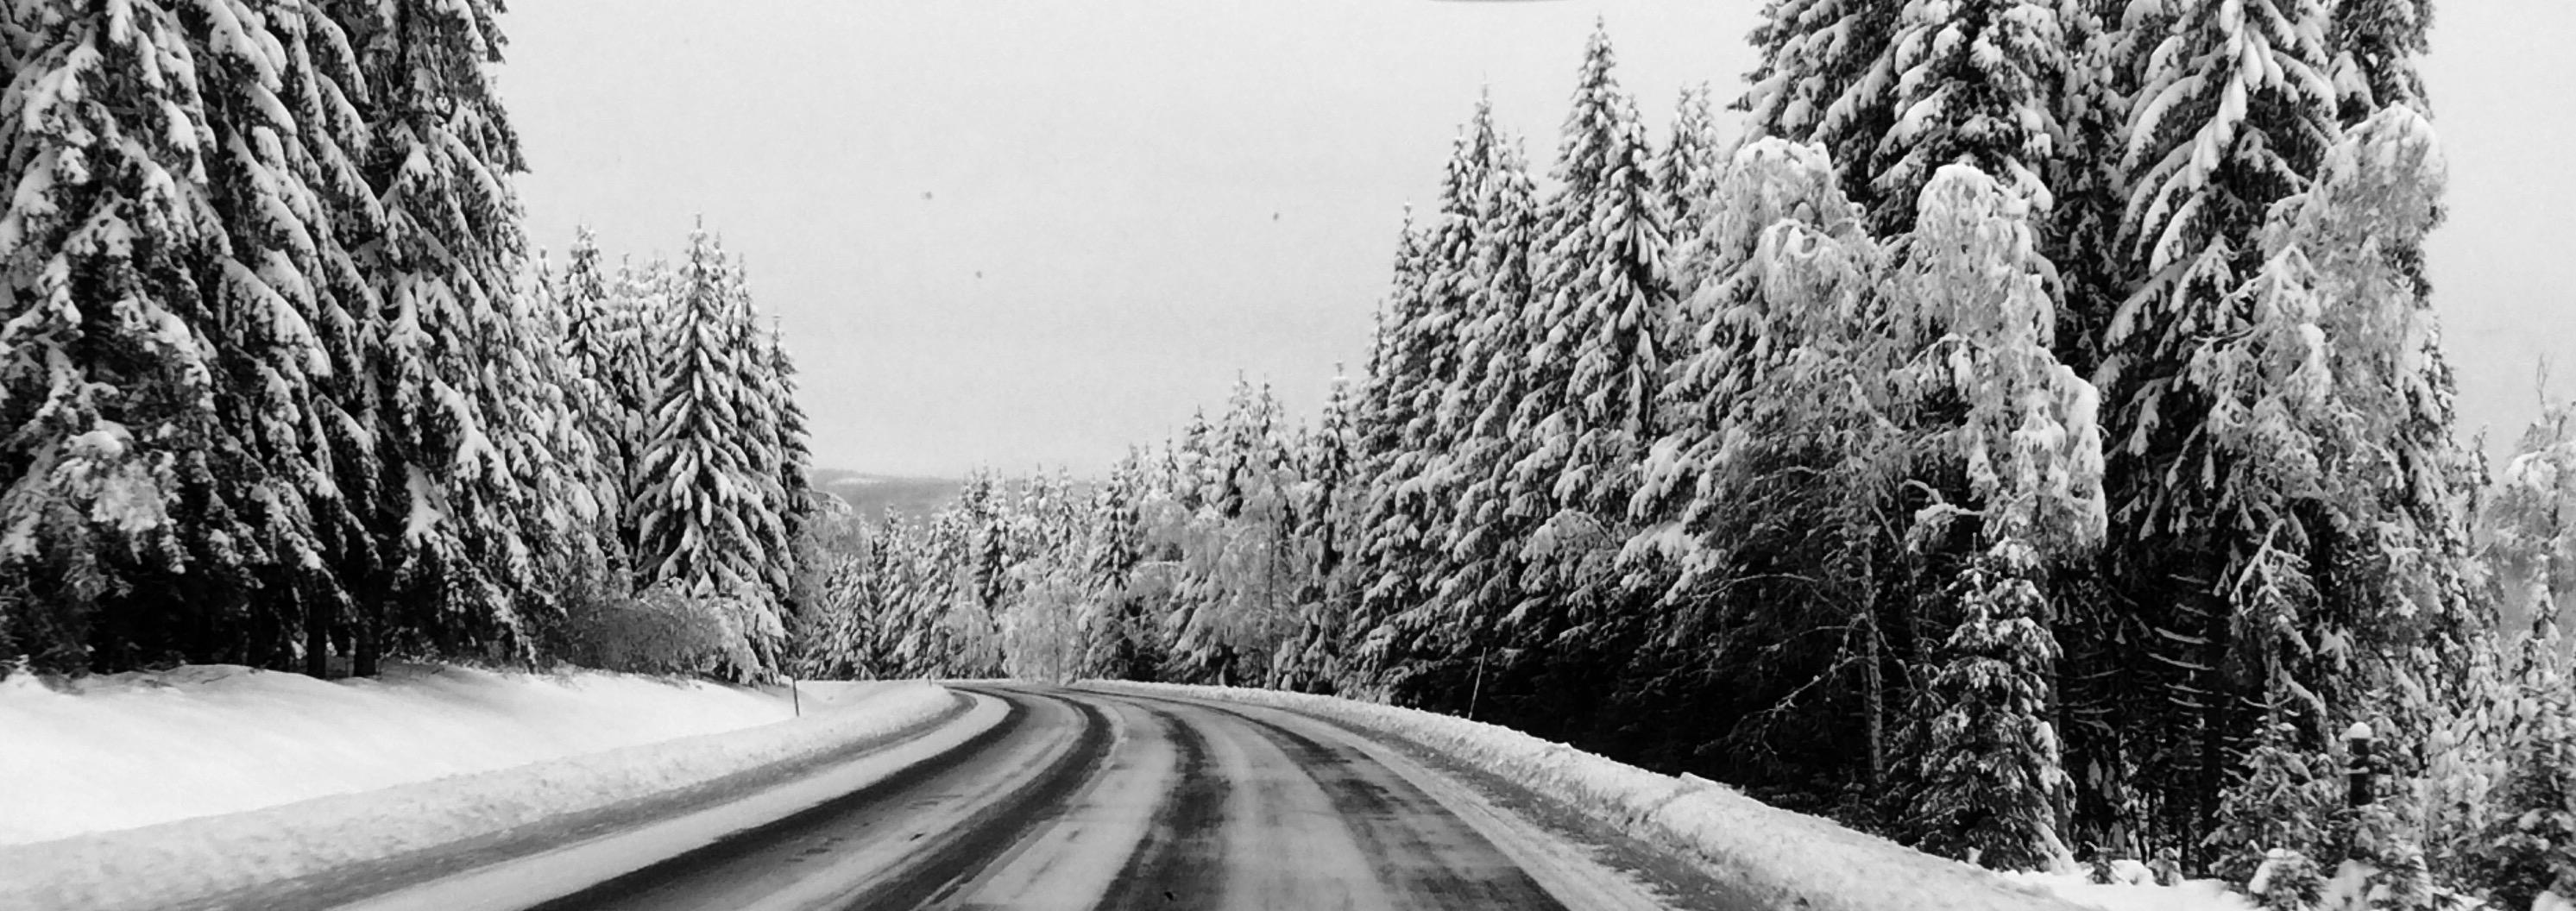 Onderweg naar Trysil - wintersport in Noorwegen